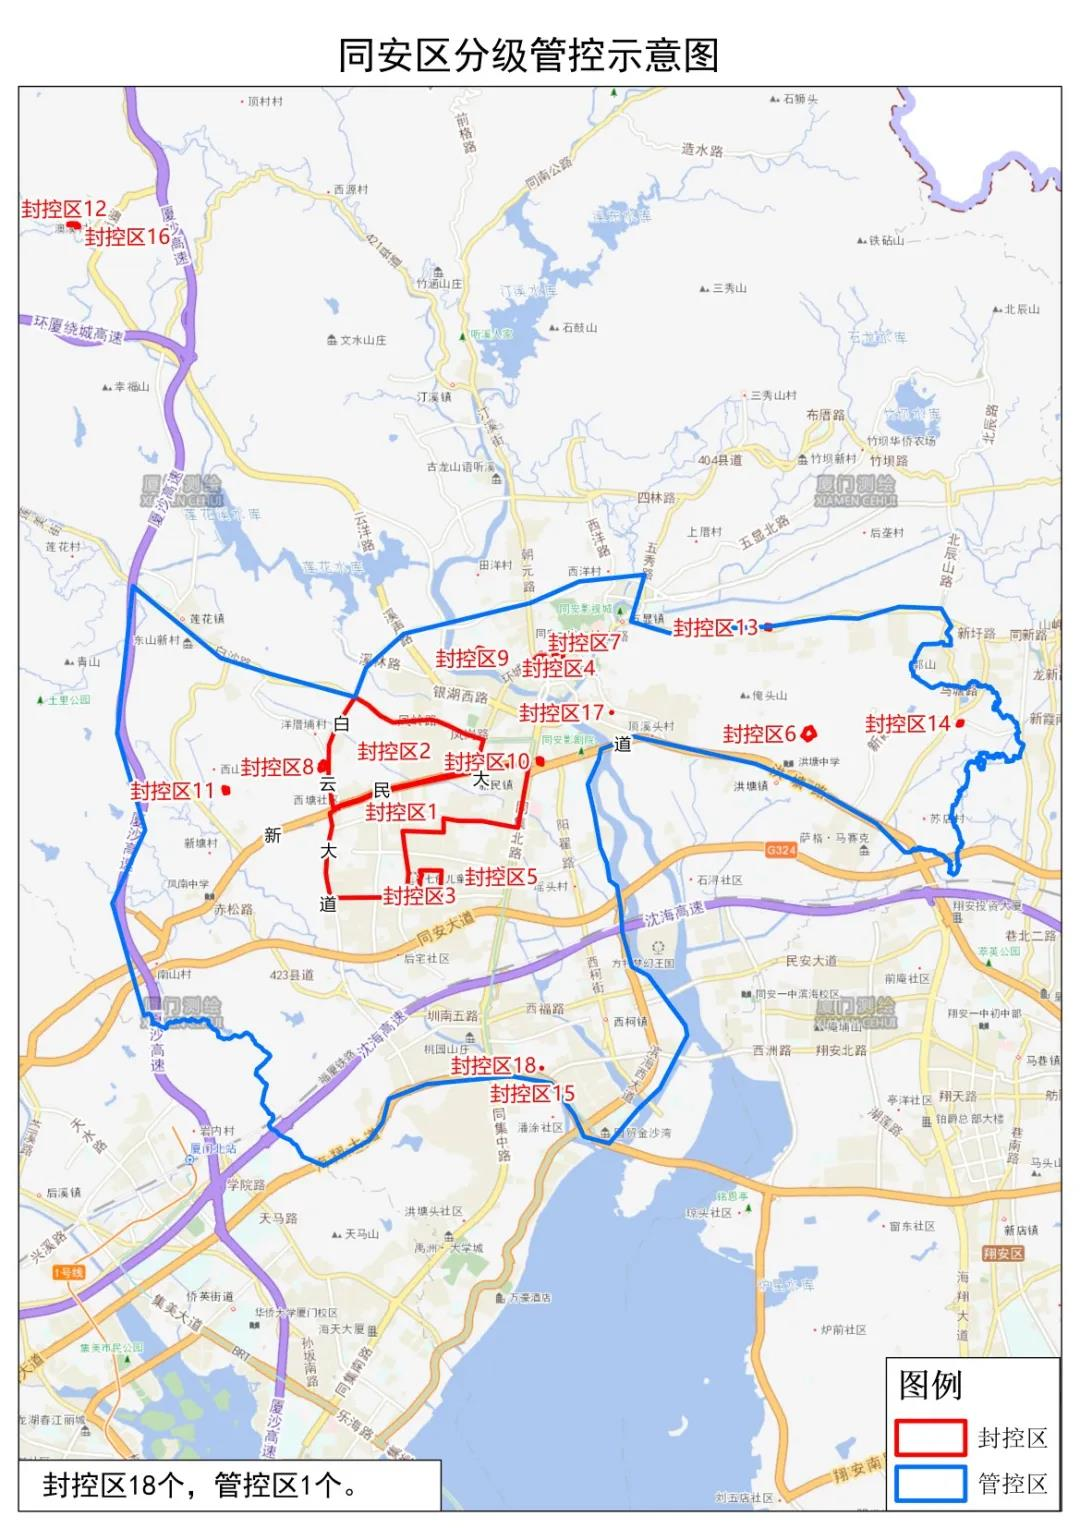 厦门同安区划定18个封控区 实行区域封闭、足不出户、服务上门